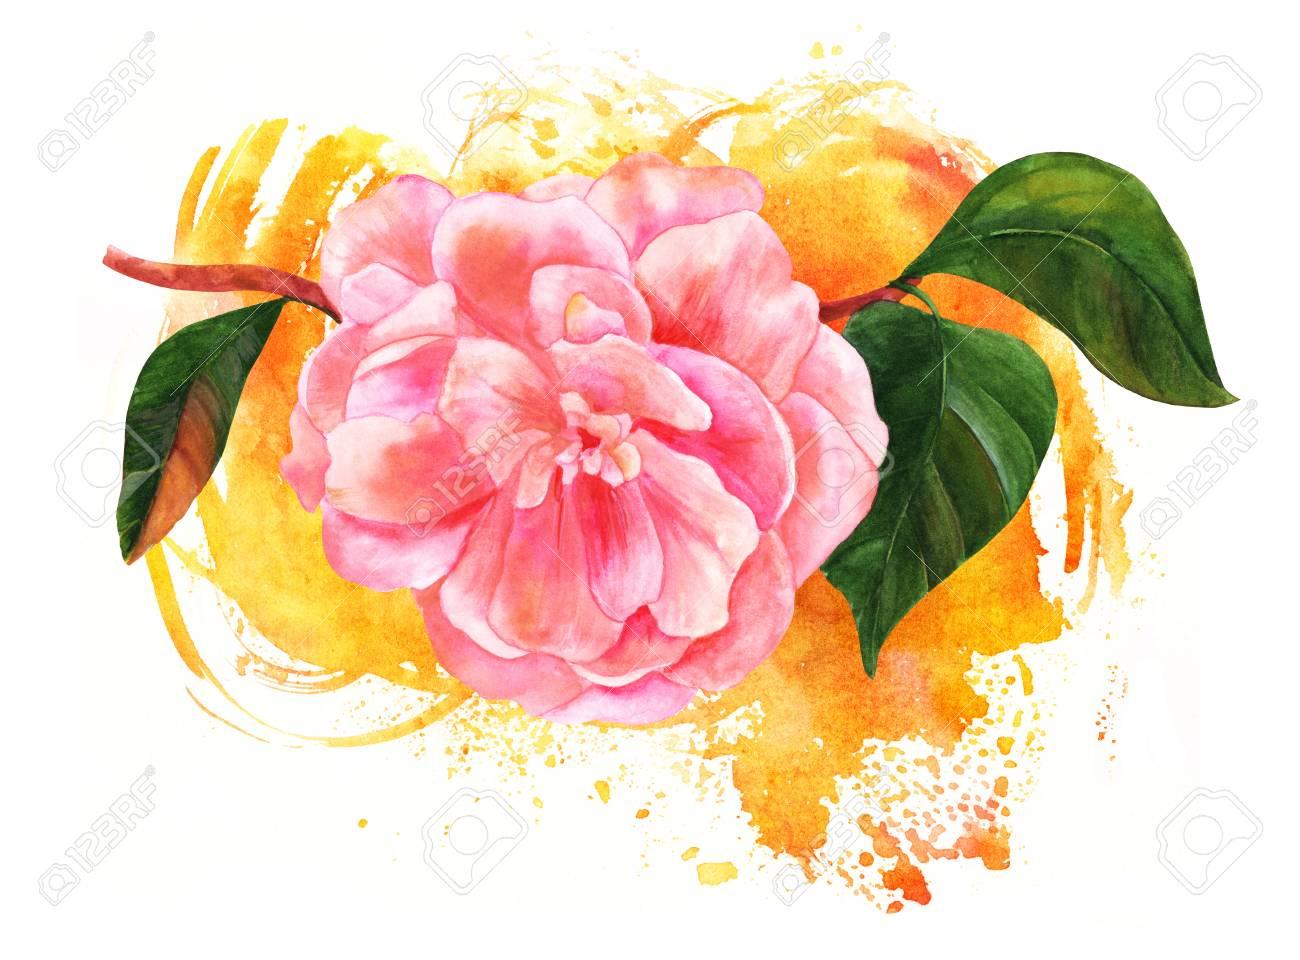 Aquarelle Dessin De Fleur De Camelia Rose Sur Un Pinceau En Or